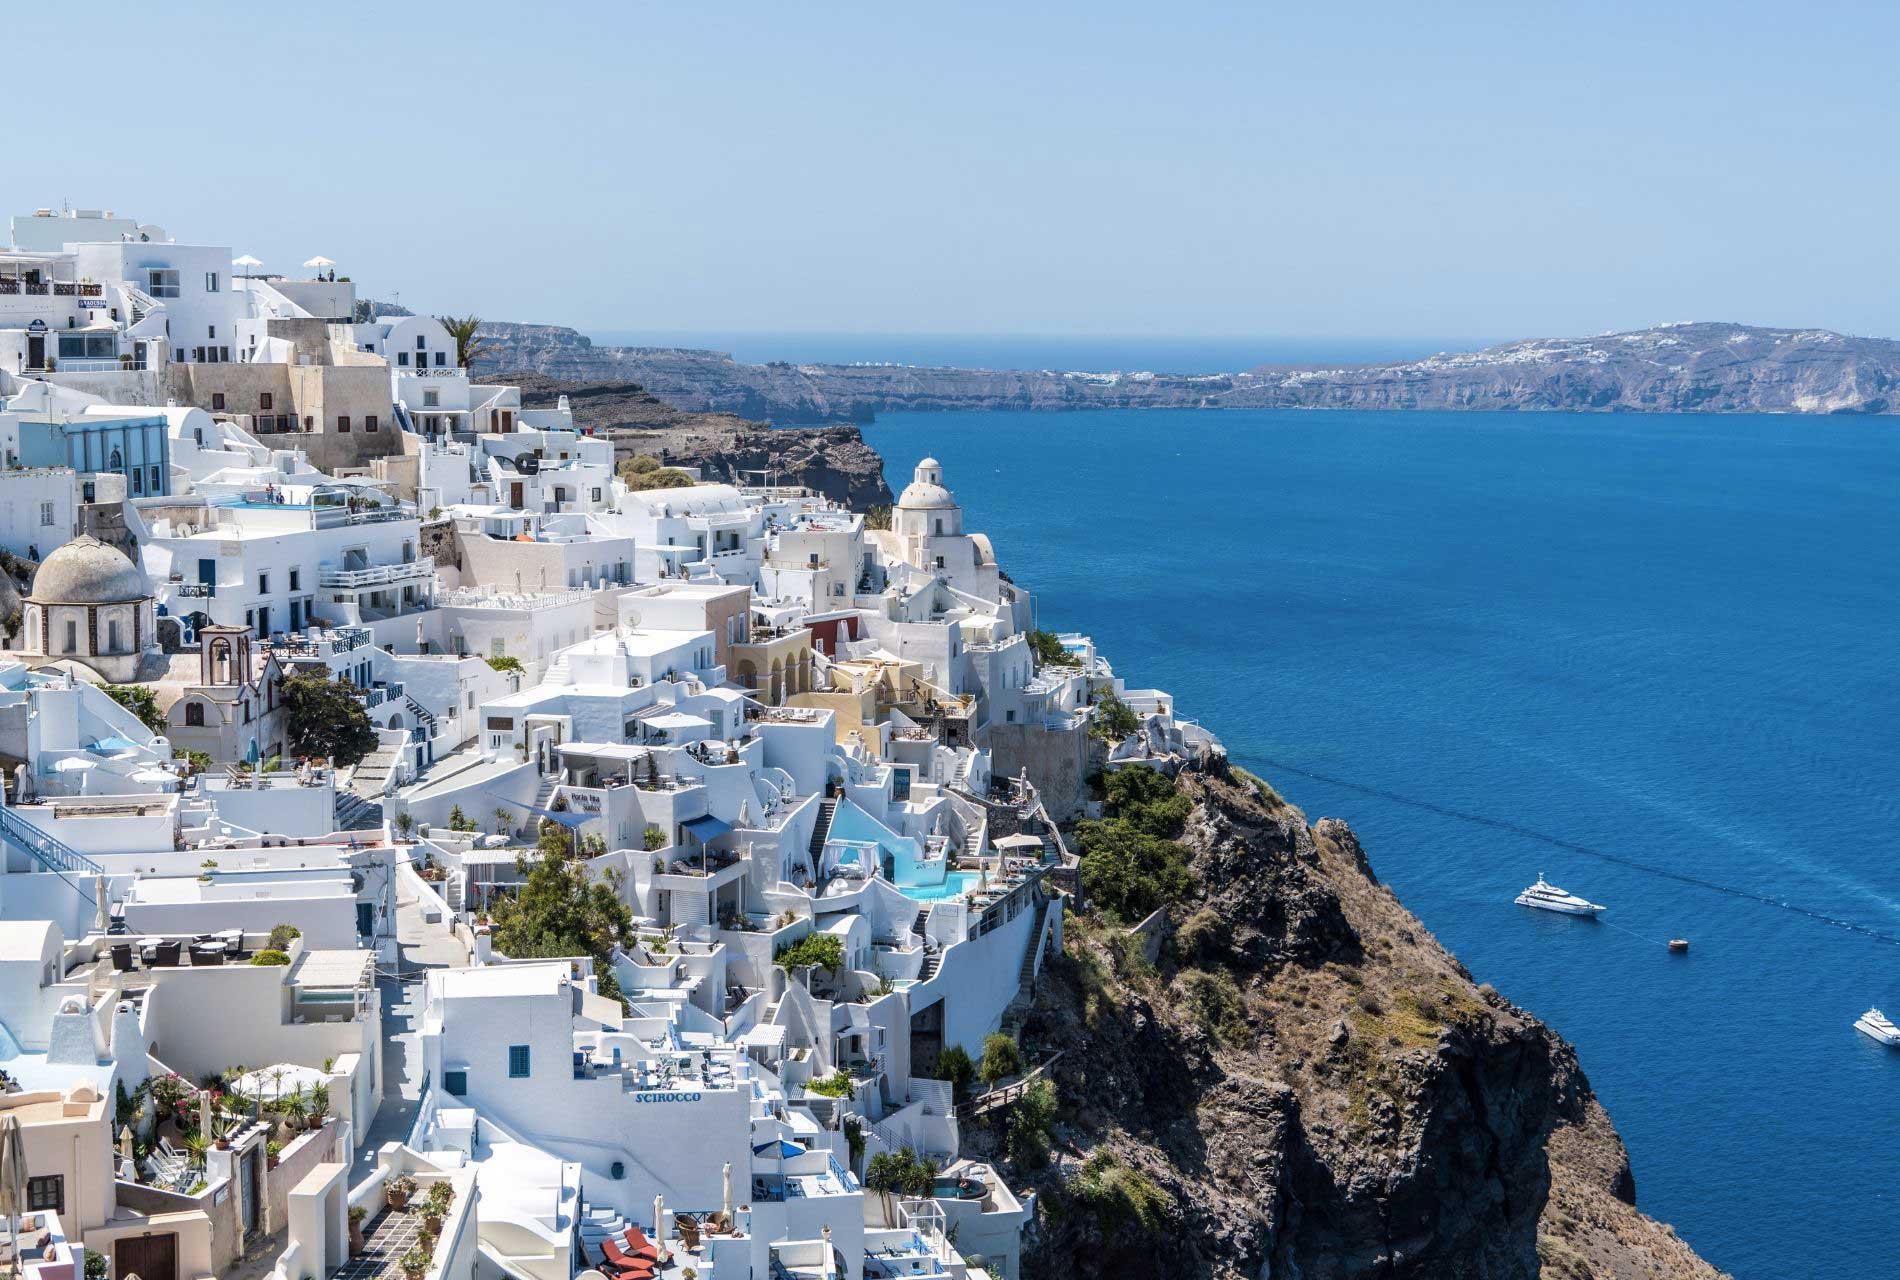 Promozioni Crociere Last Minute Mediterraneo